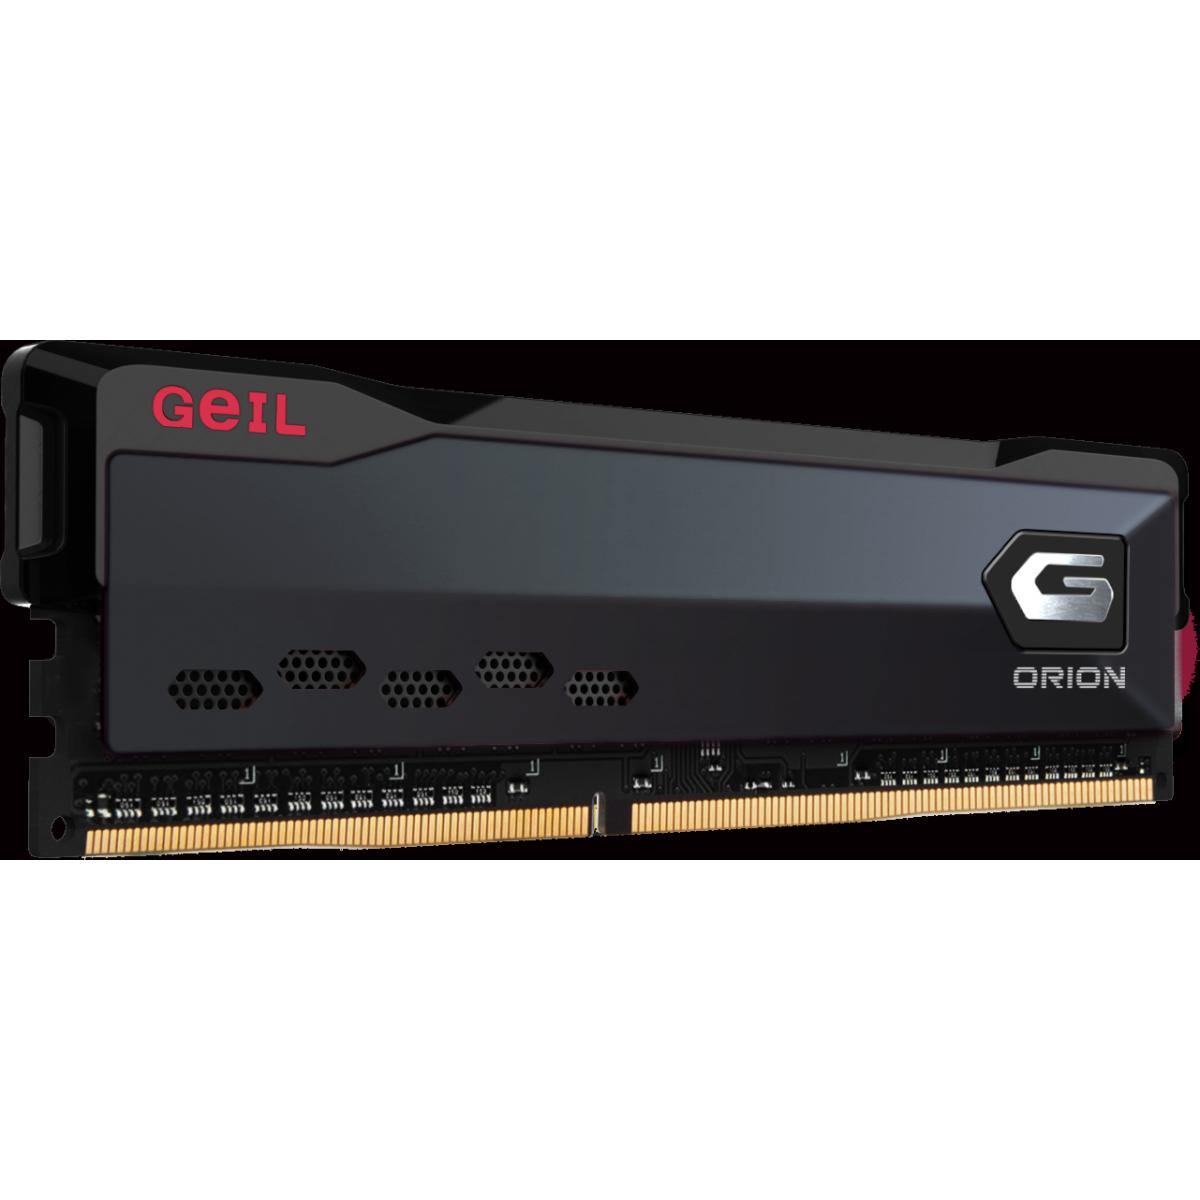 Memória DDR4 Geil Orion, 3000Mhz, 16GB (2x8GB), Black, GAOG416GB3000C16ADC